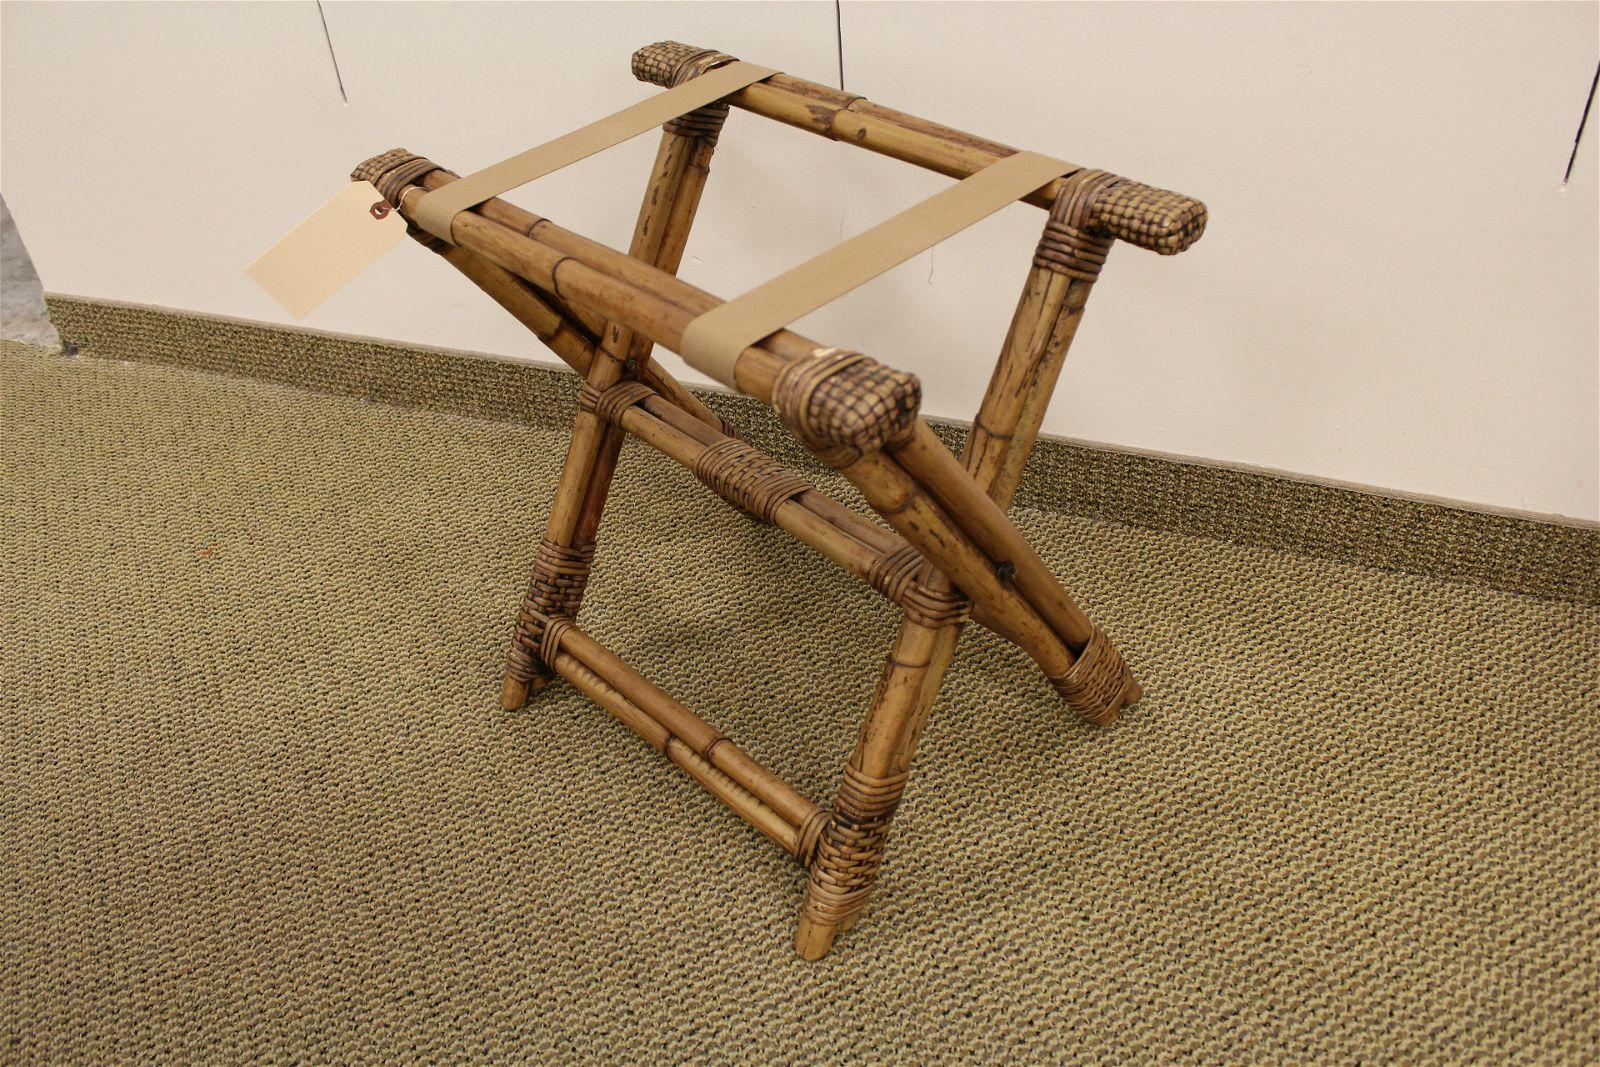 Bamboo Luggage Valet